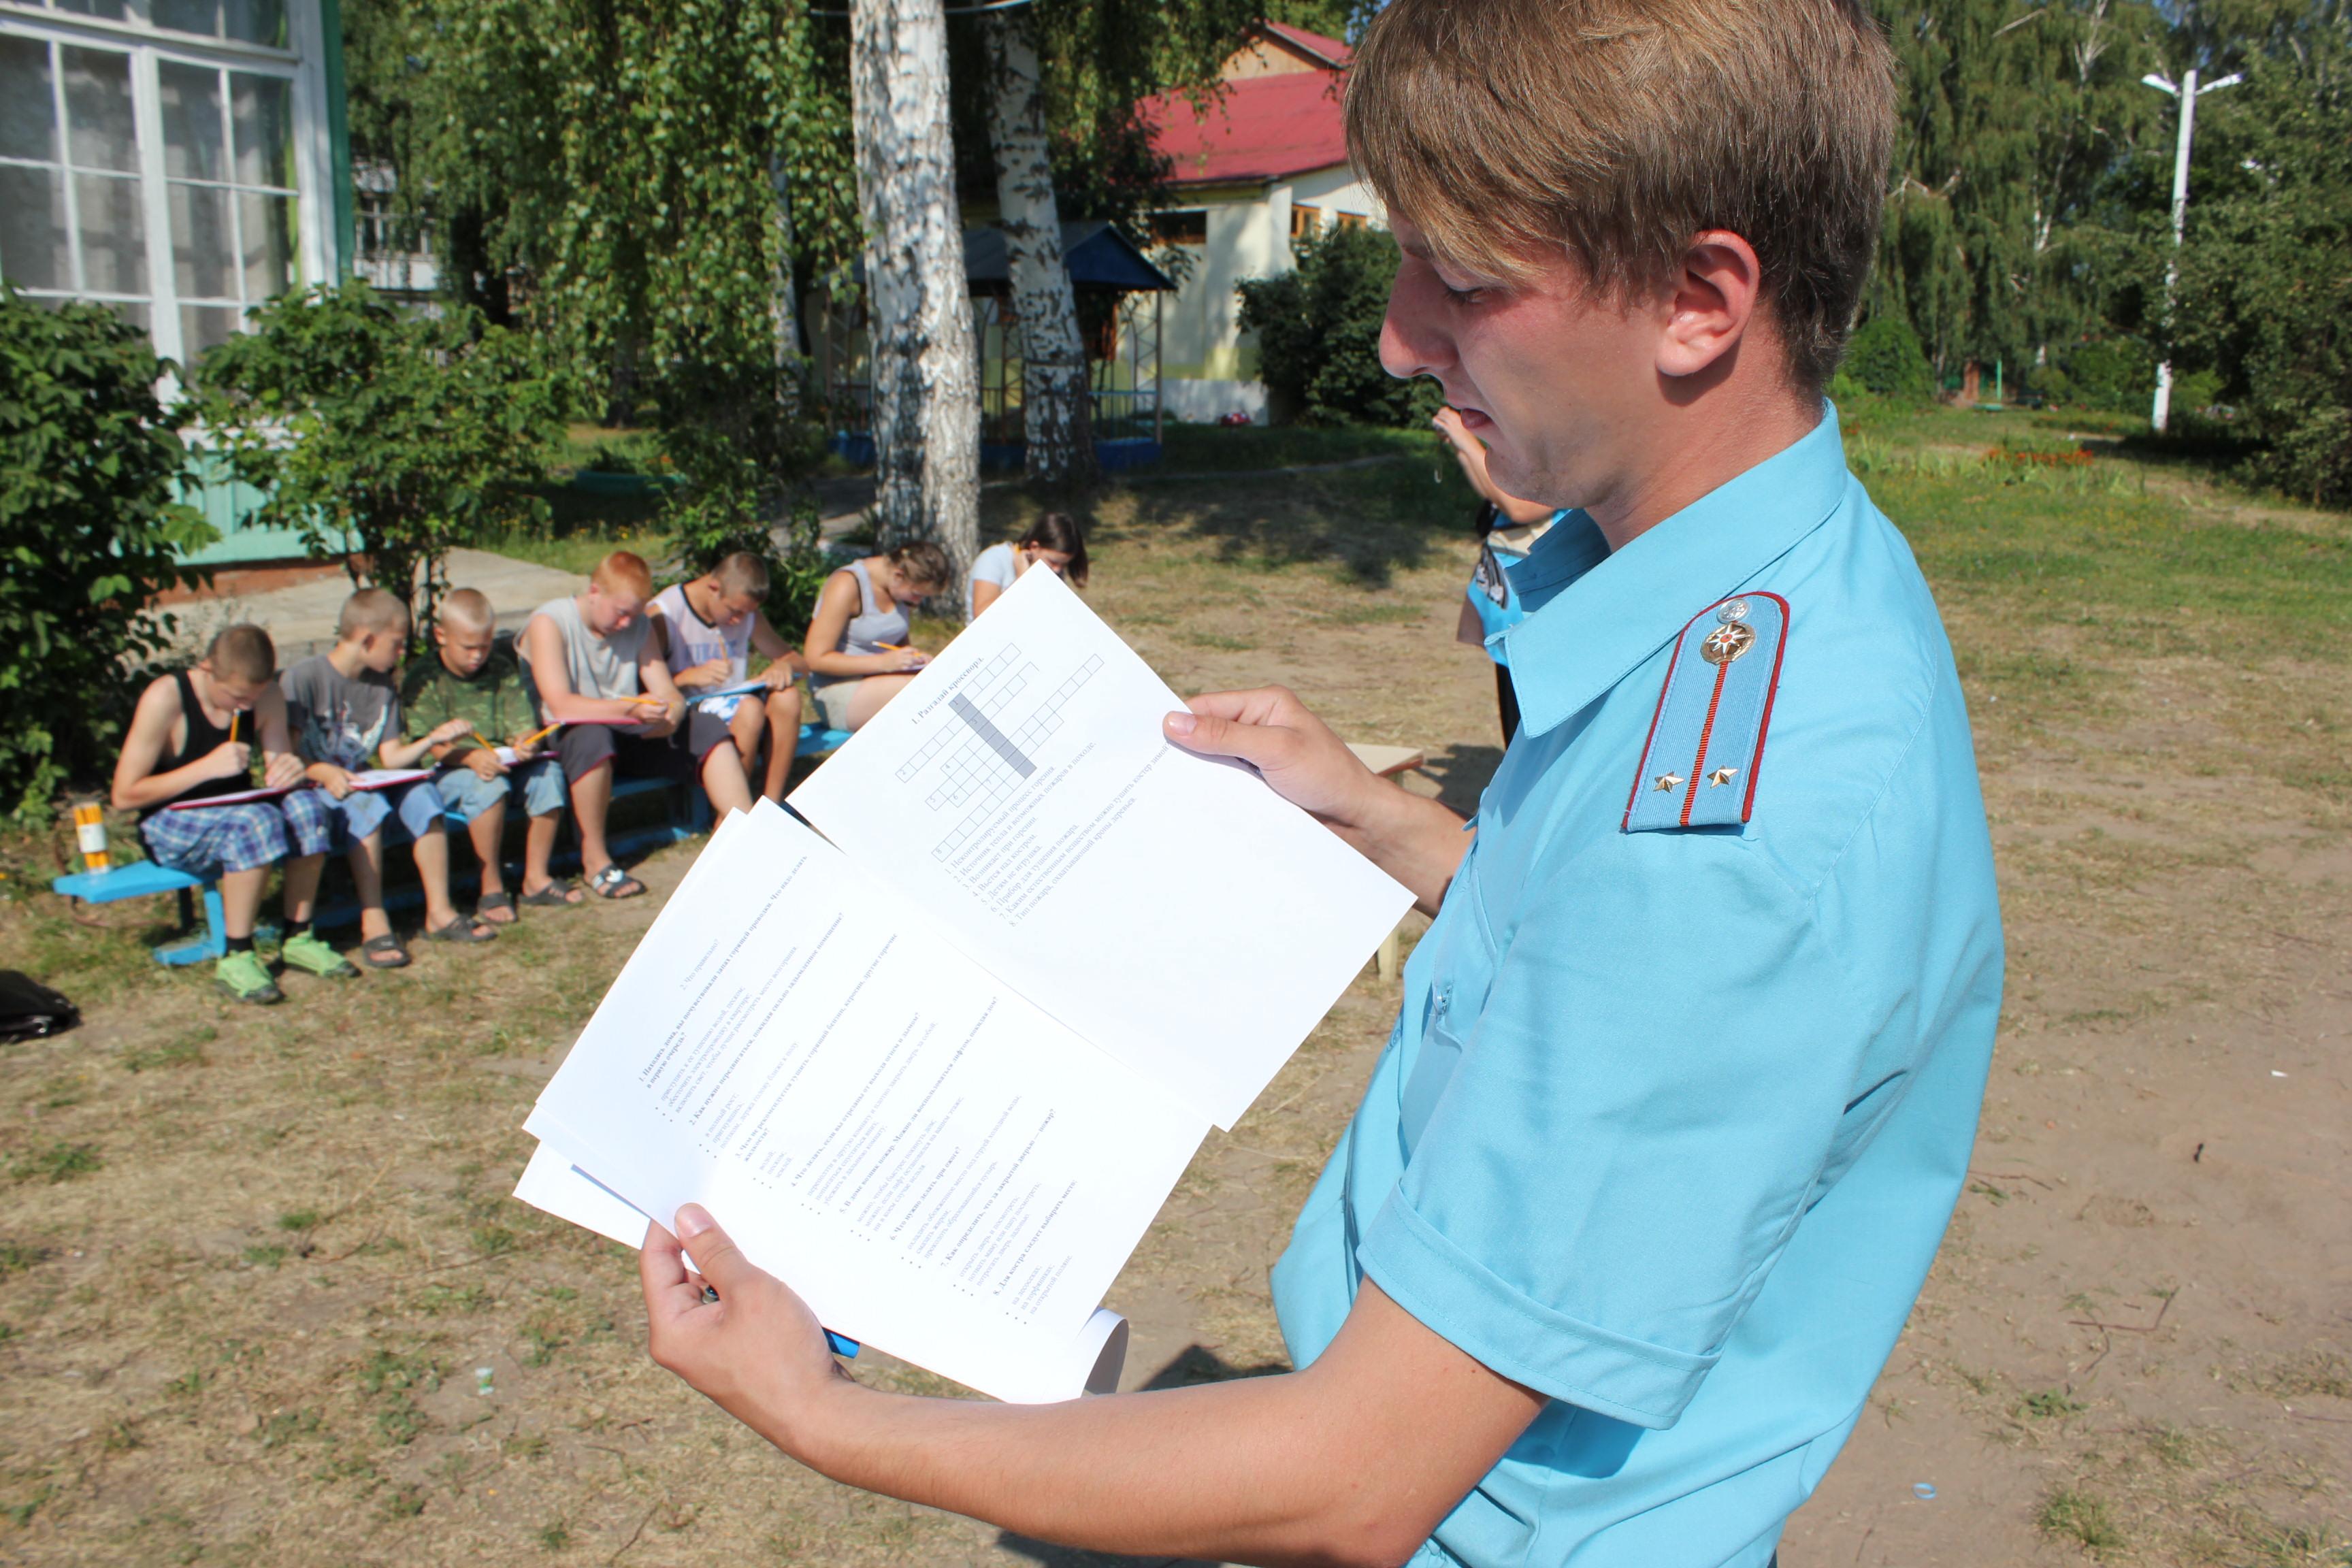 Шефская помощь детскому дому в Луховицком районе Московской области